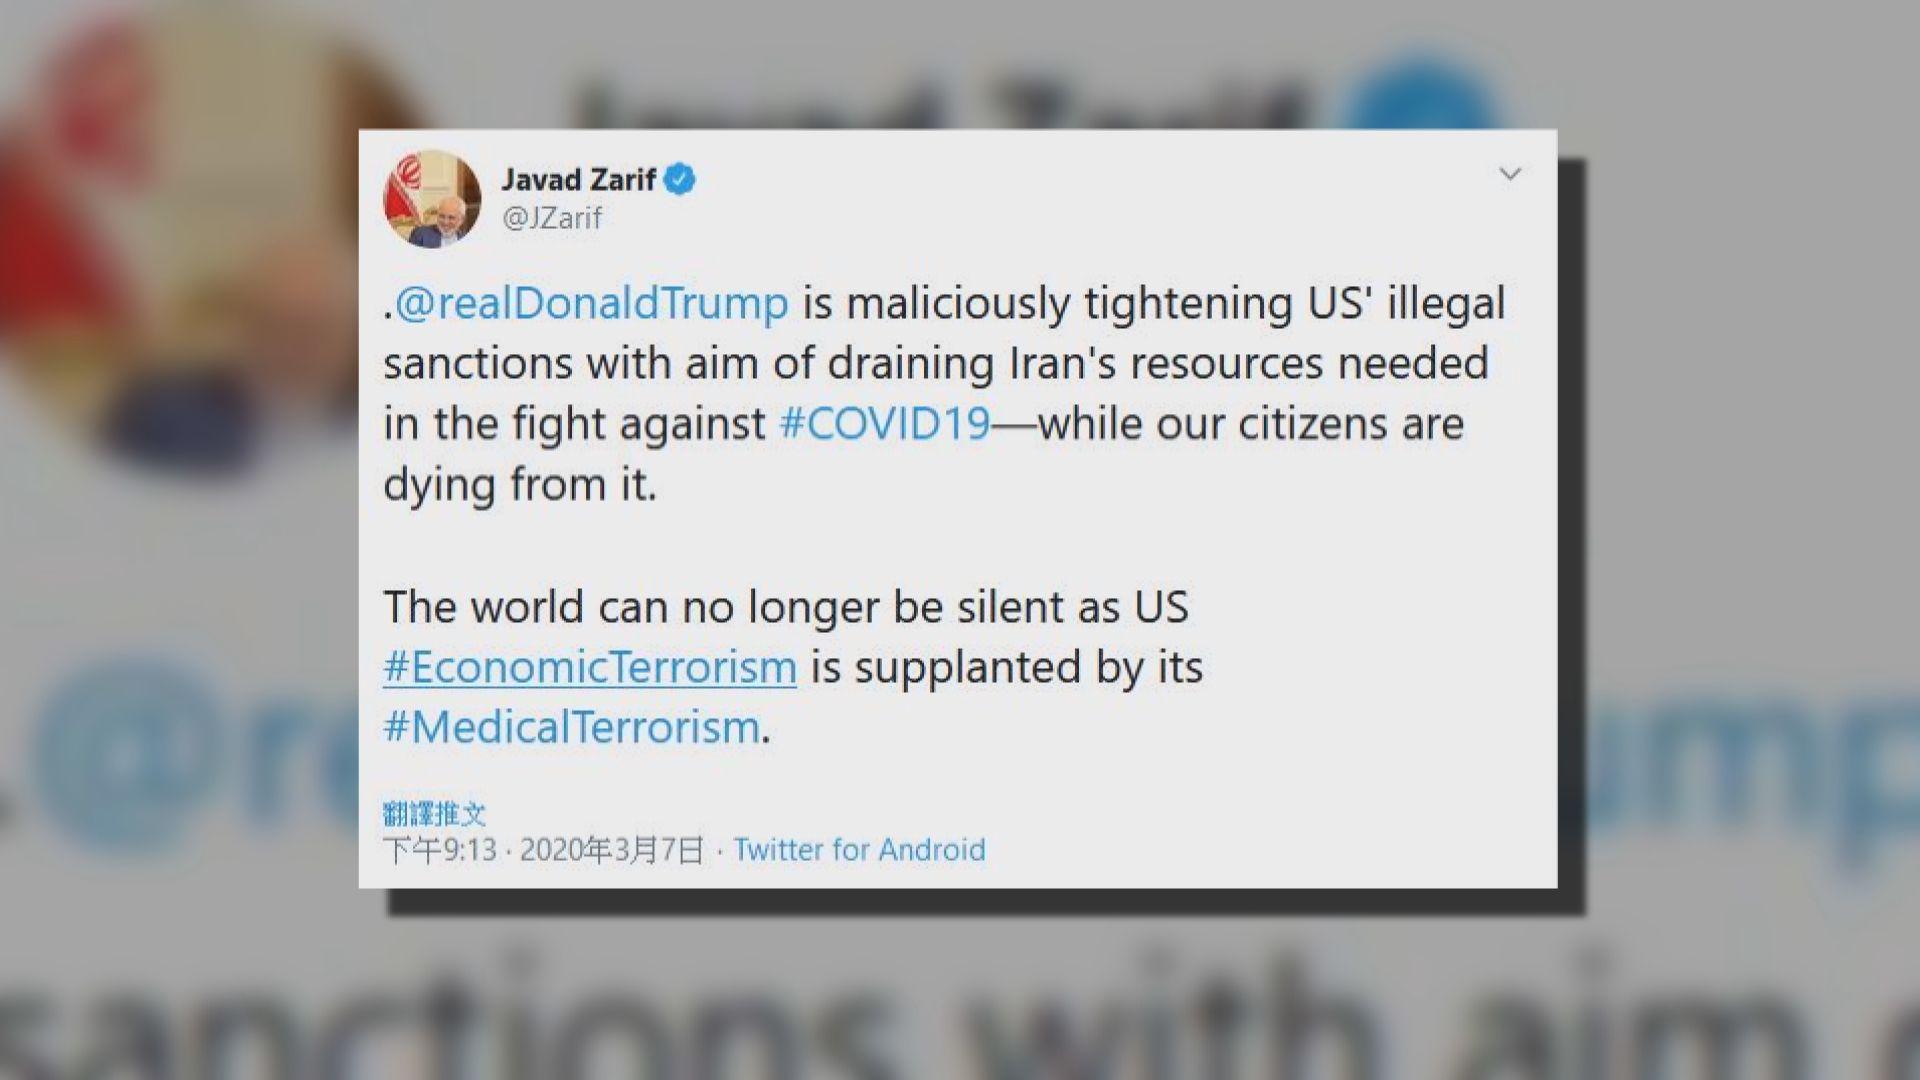 伊朗一天內增逾千宗確診 外長籲撤銷制裁輸入抗疫物資